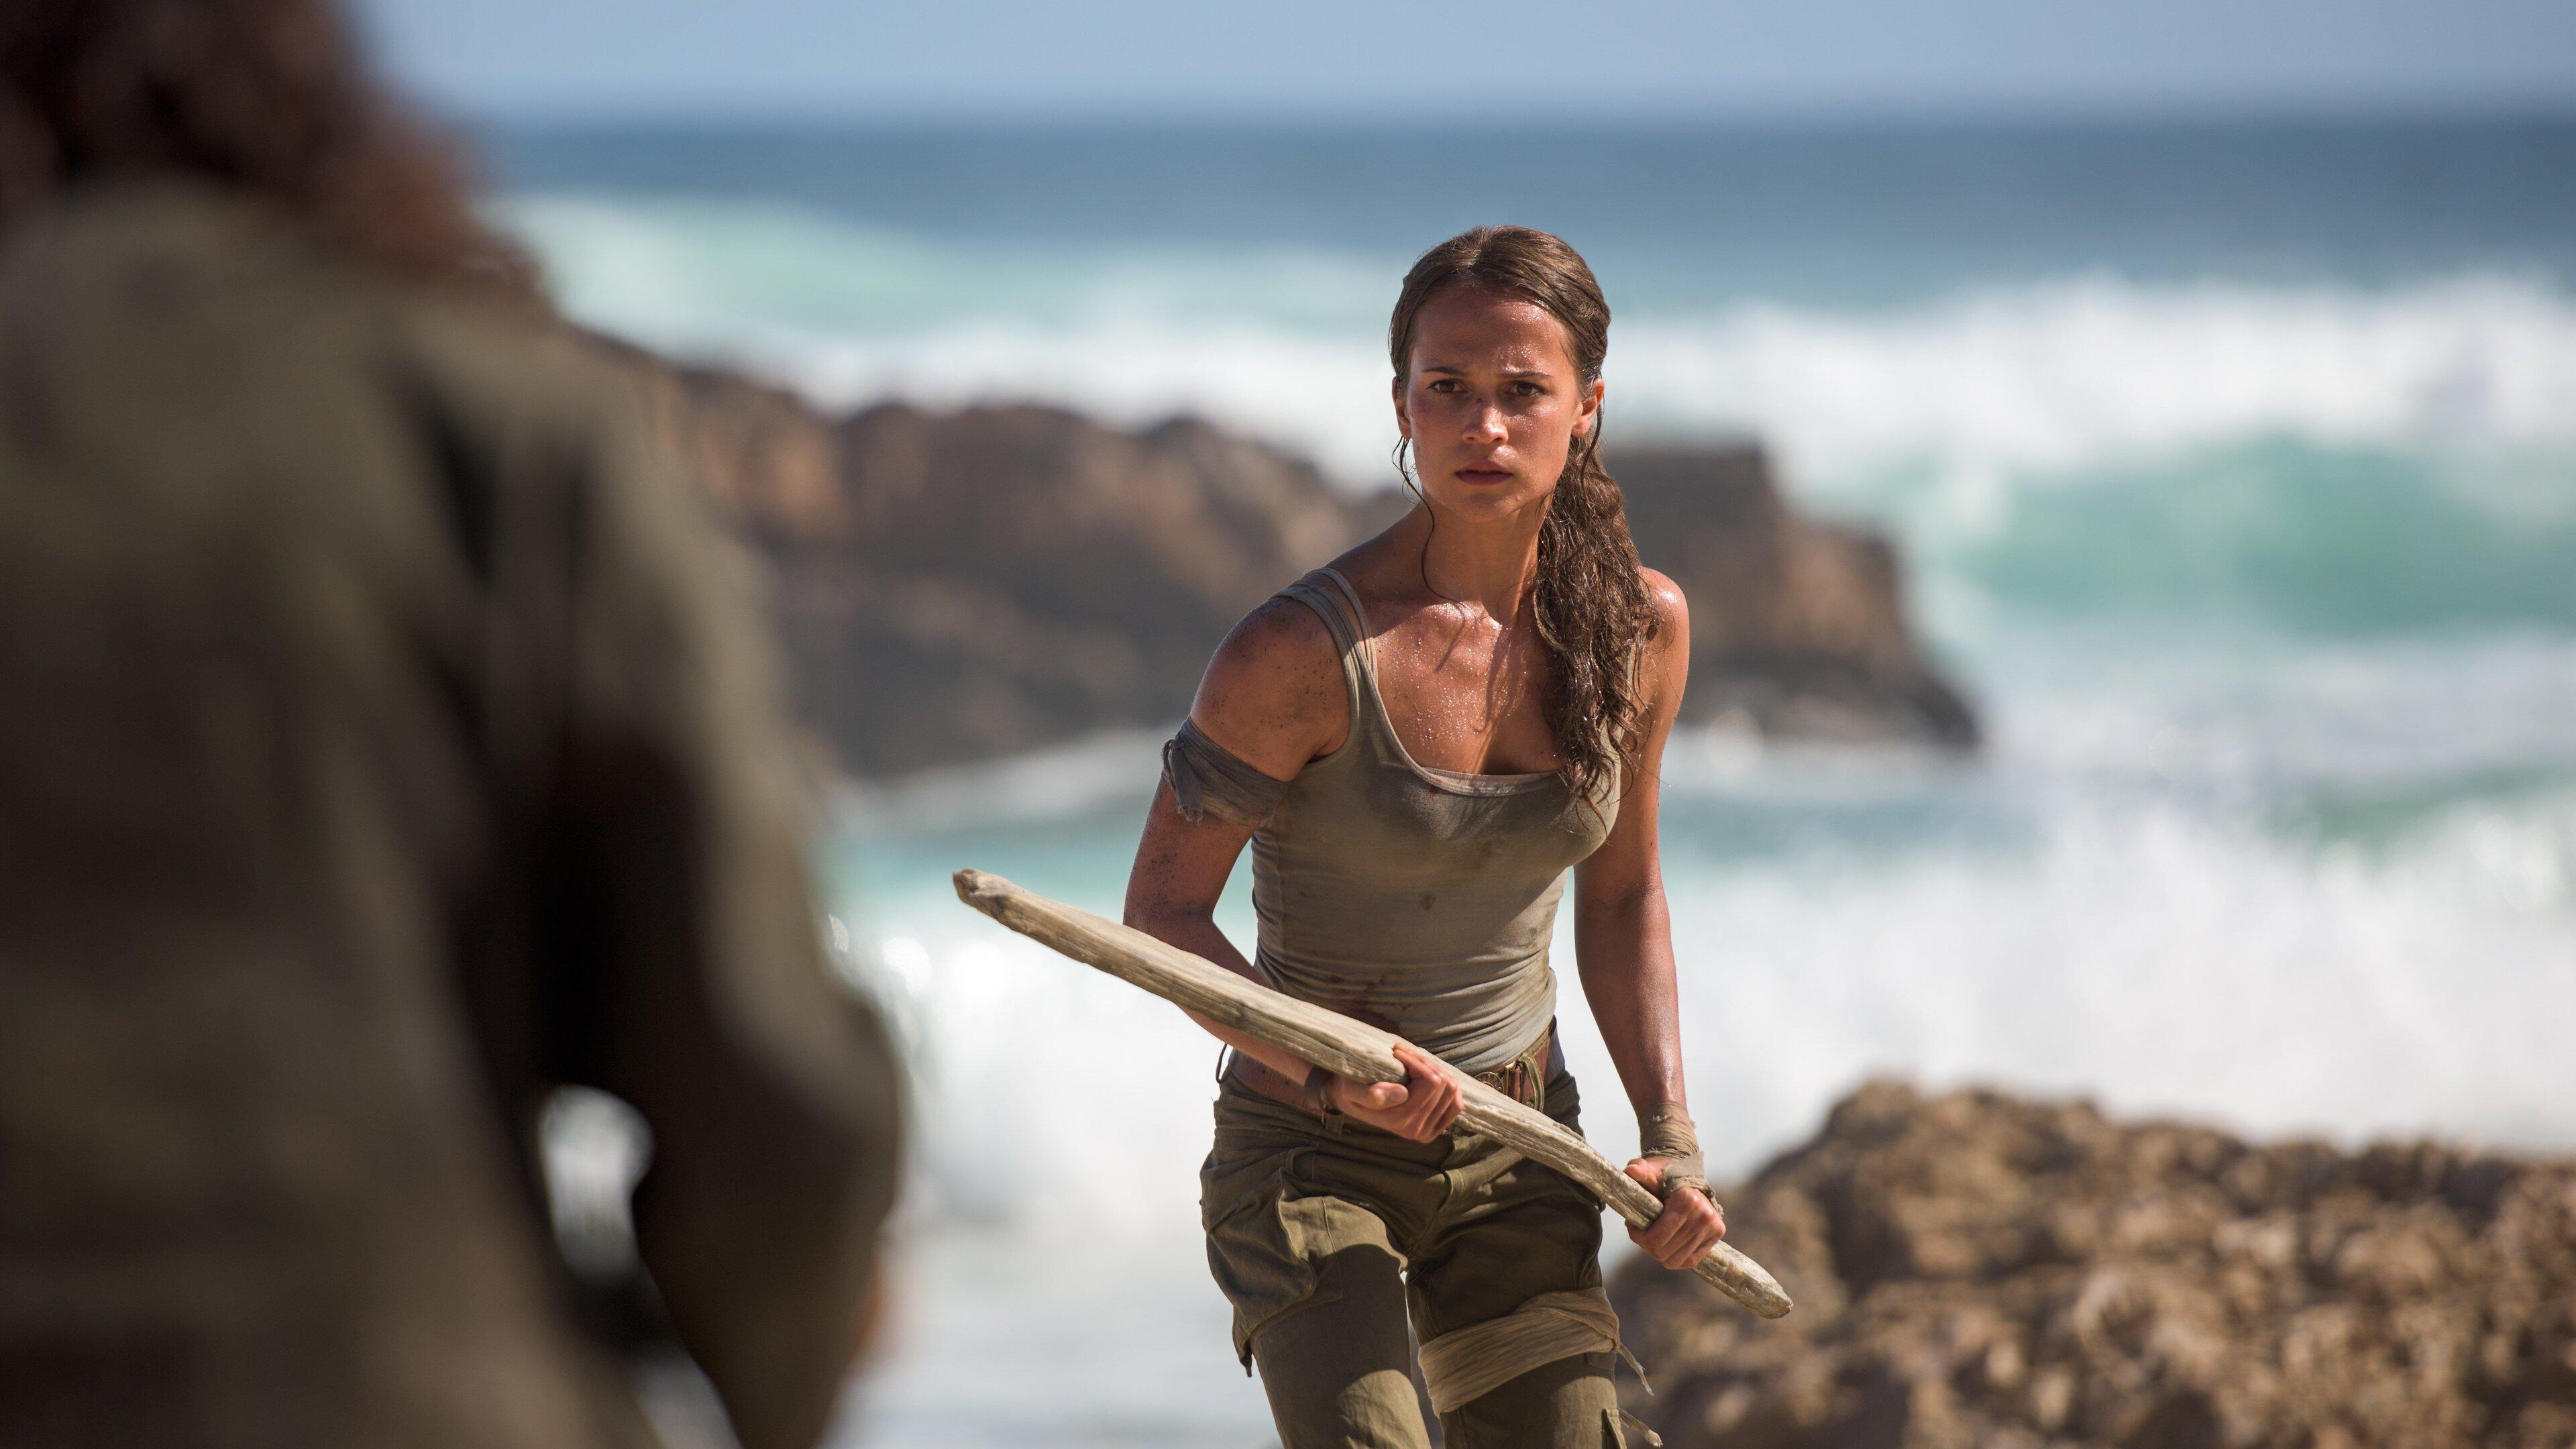 3840x2160 Lara Croft Tomb Raider Artwork 4k Hd 4k: 3840x2160 Alicia Vikander As Lara Croft In Tomb Raider